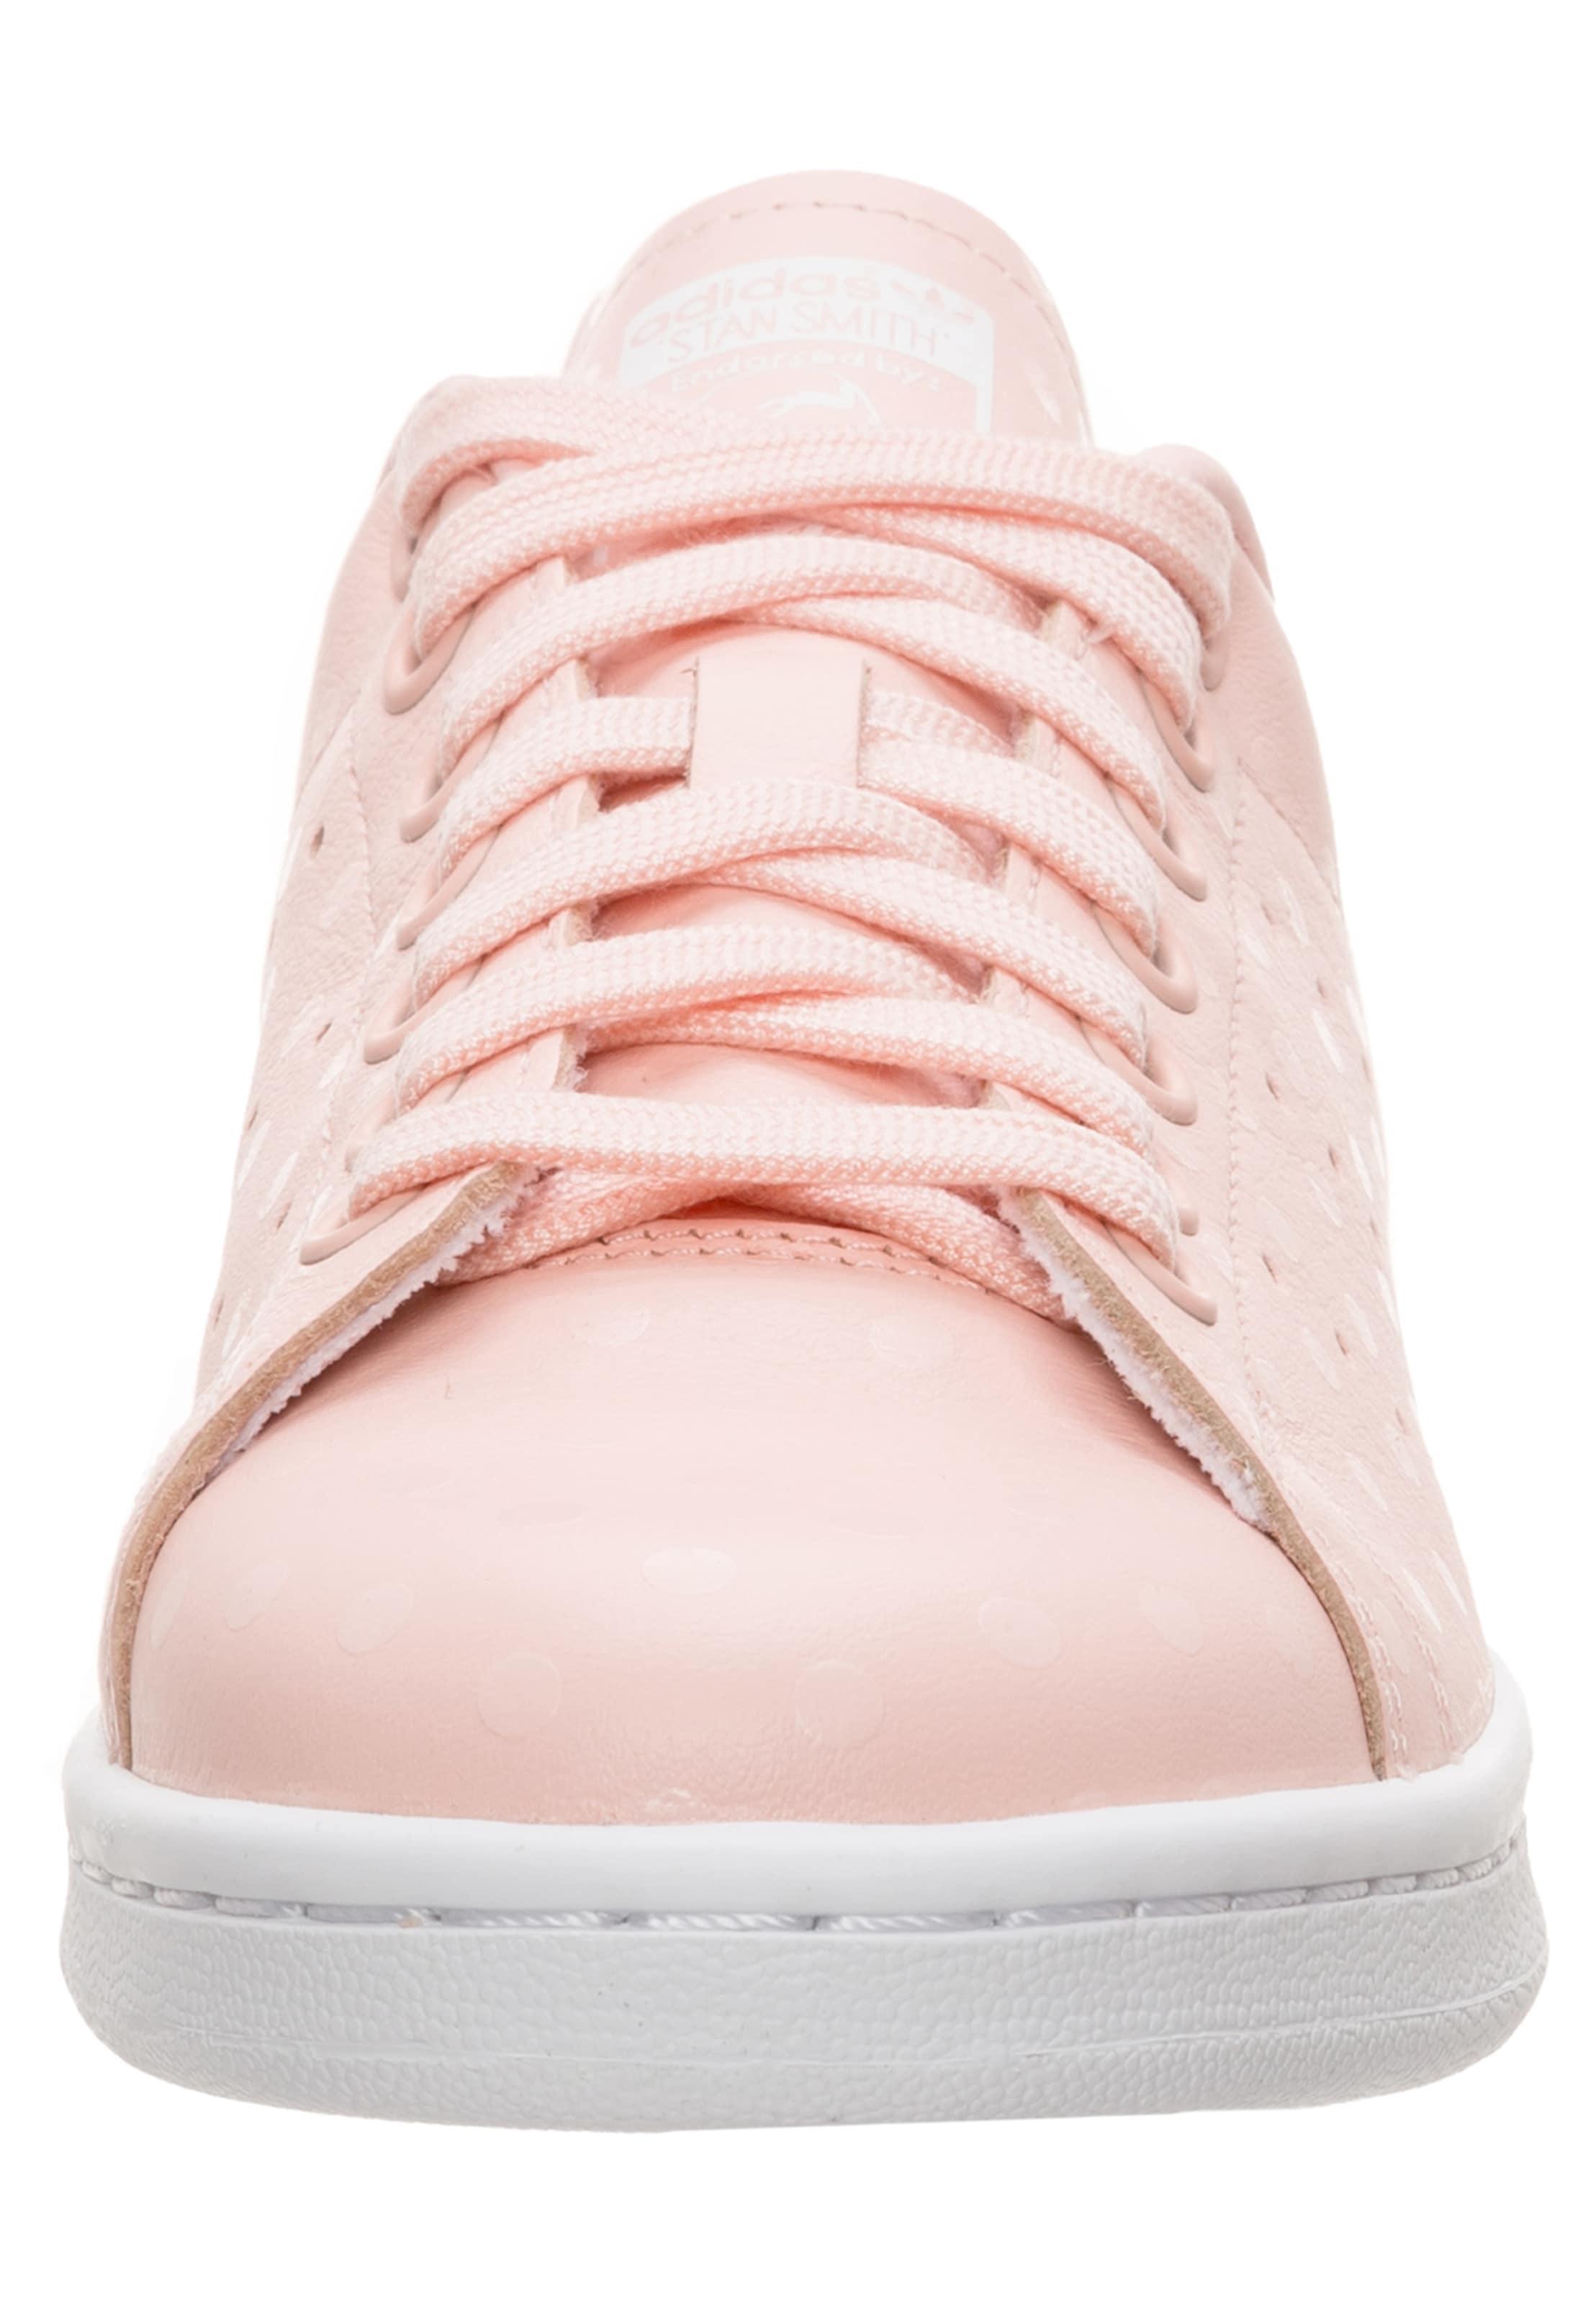 Sneaker Pink Adidas Smith' Originals 'stan In 0w8nOPk